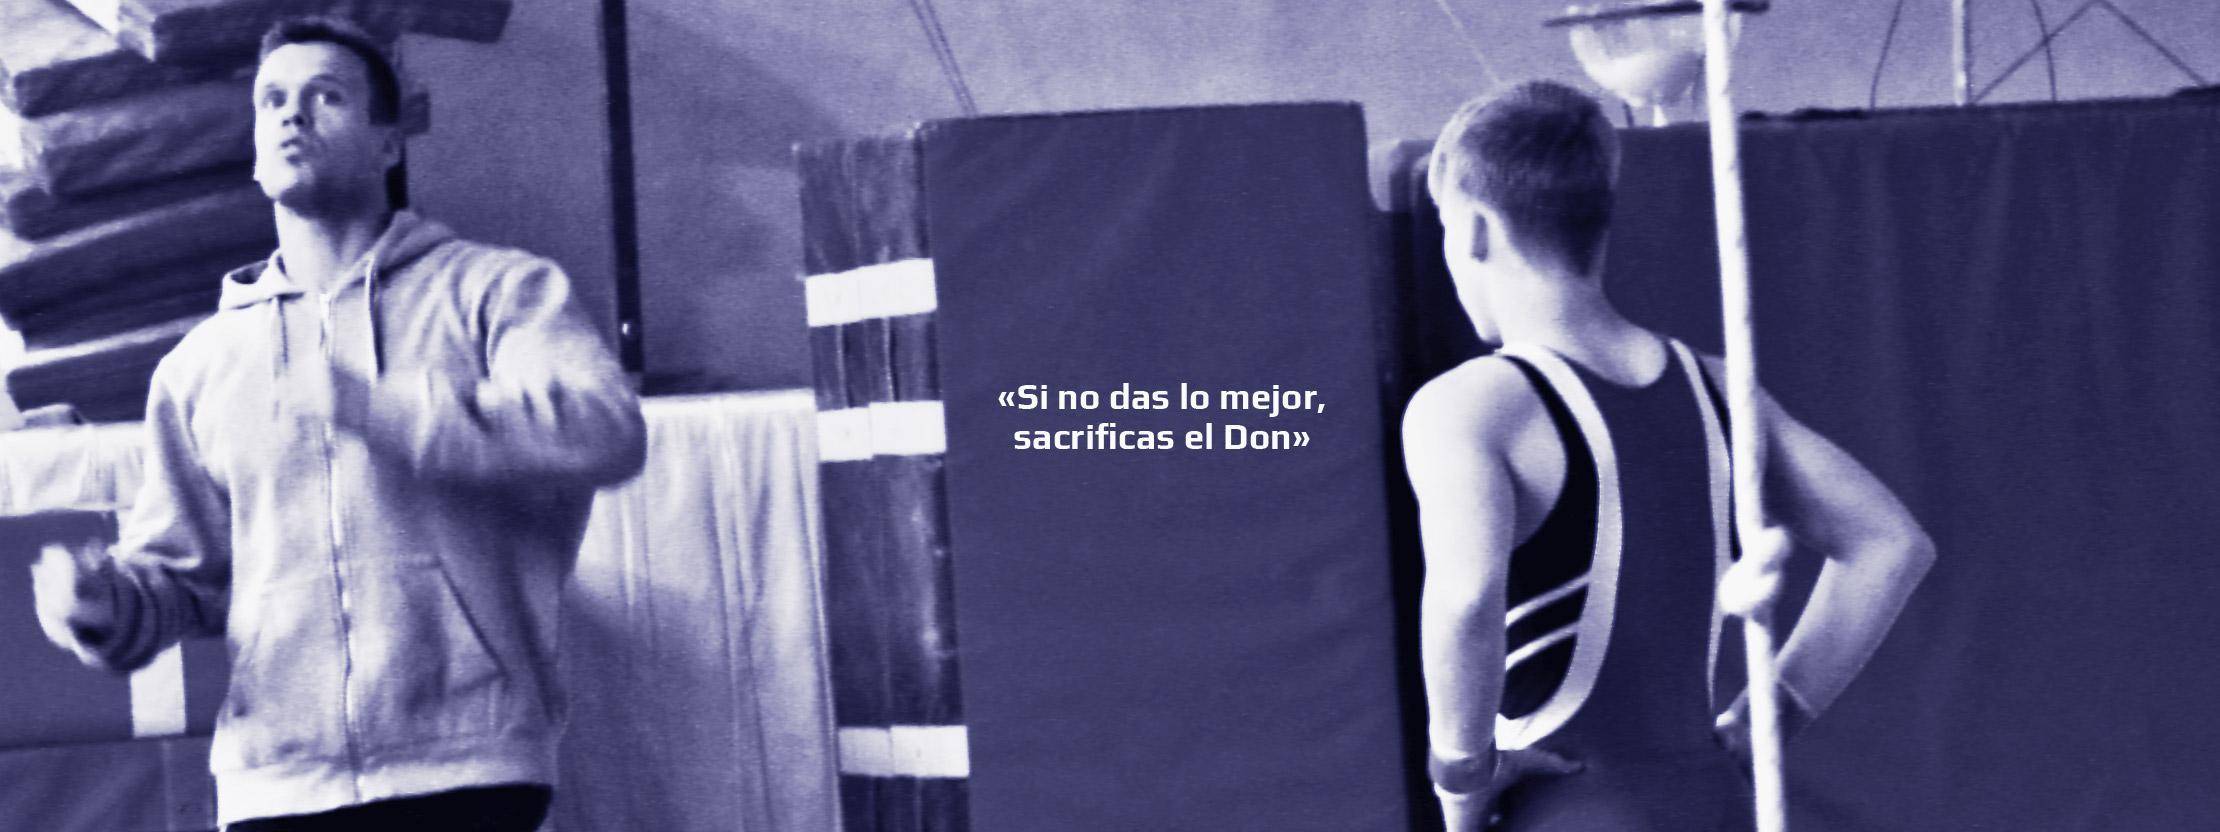 blog_si_no_das_lo_mejor_act